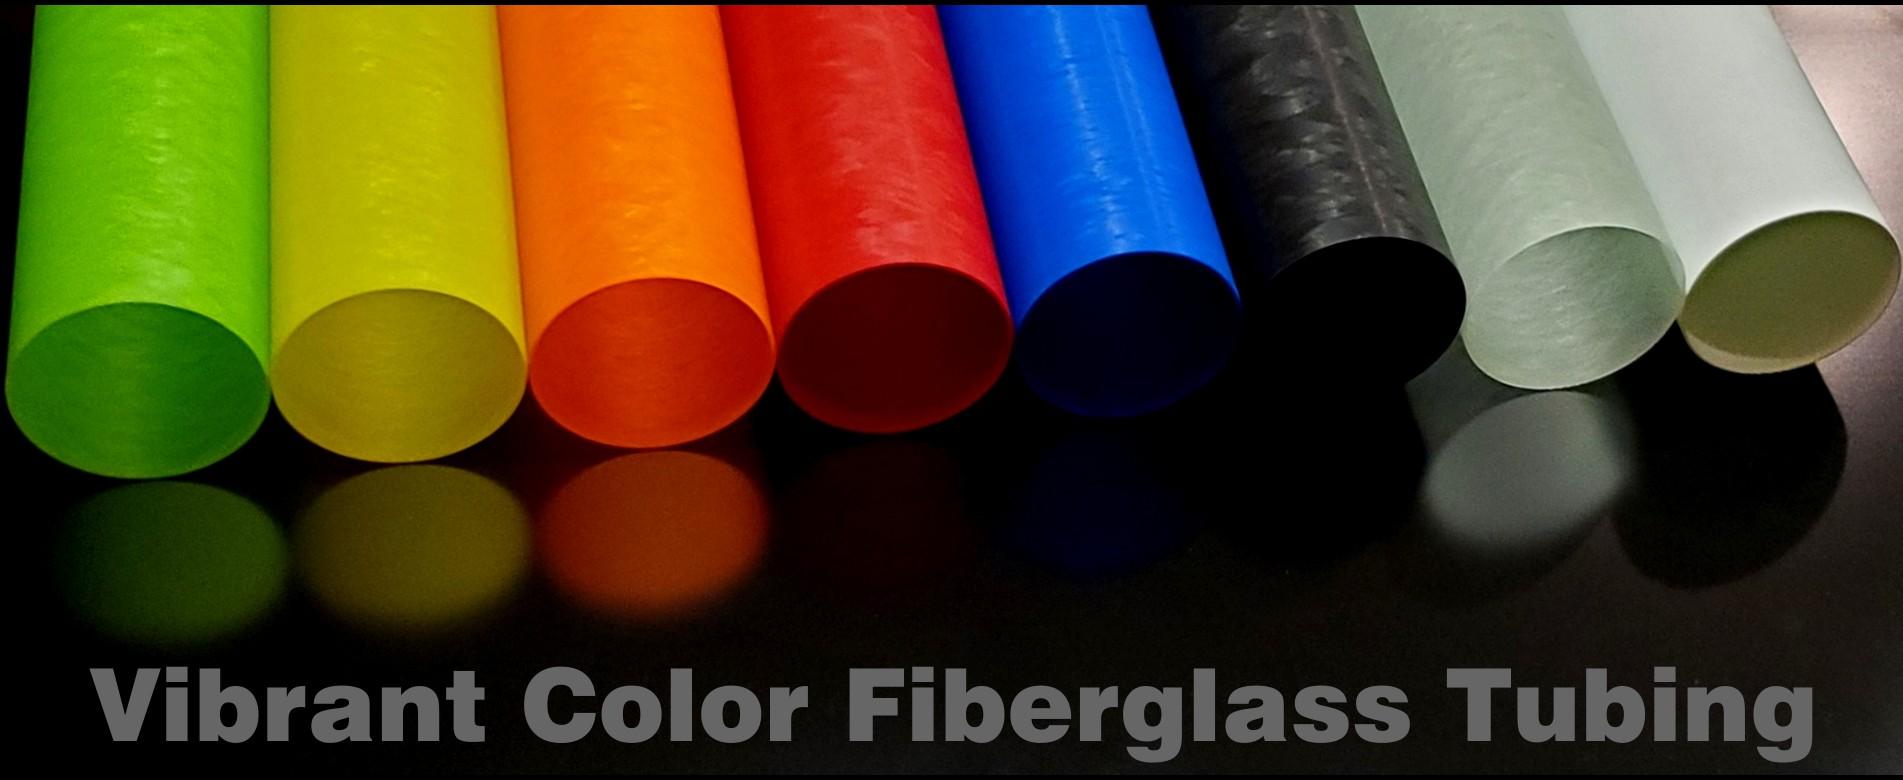 Vibrant Color Fiberglass Tubing